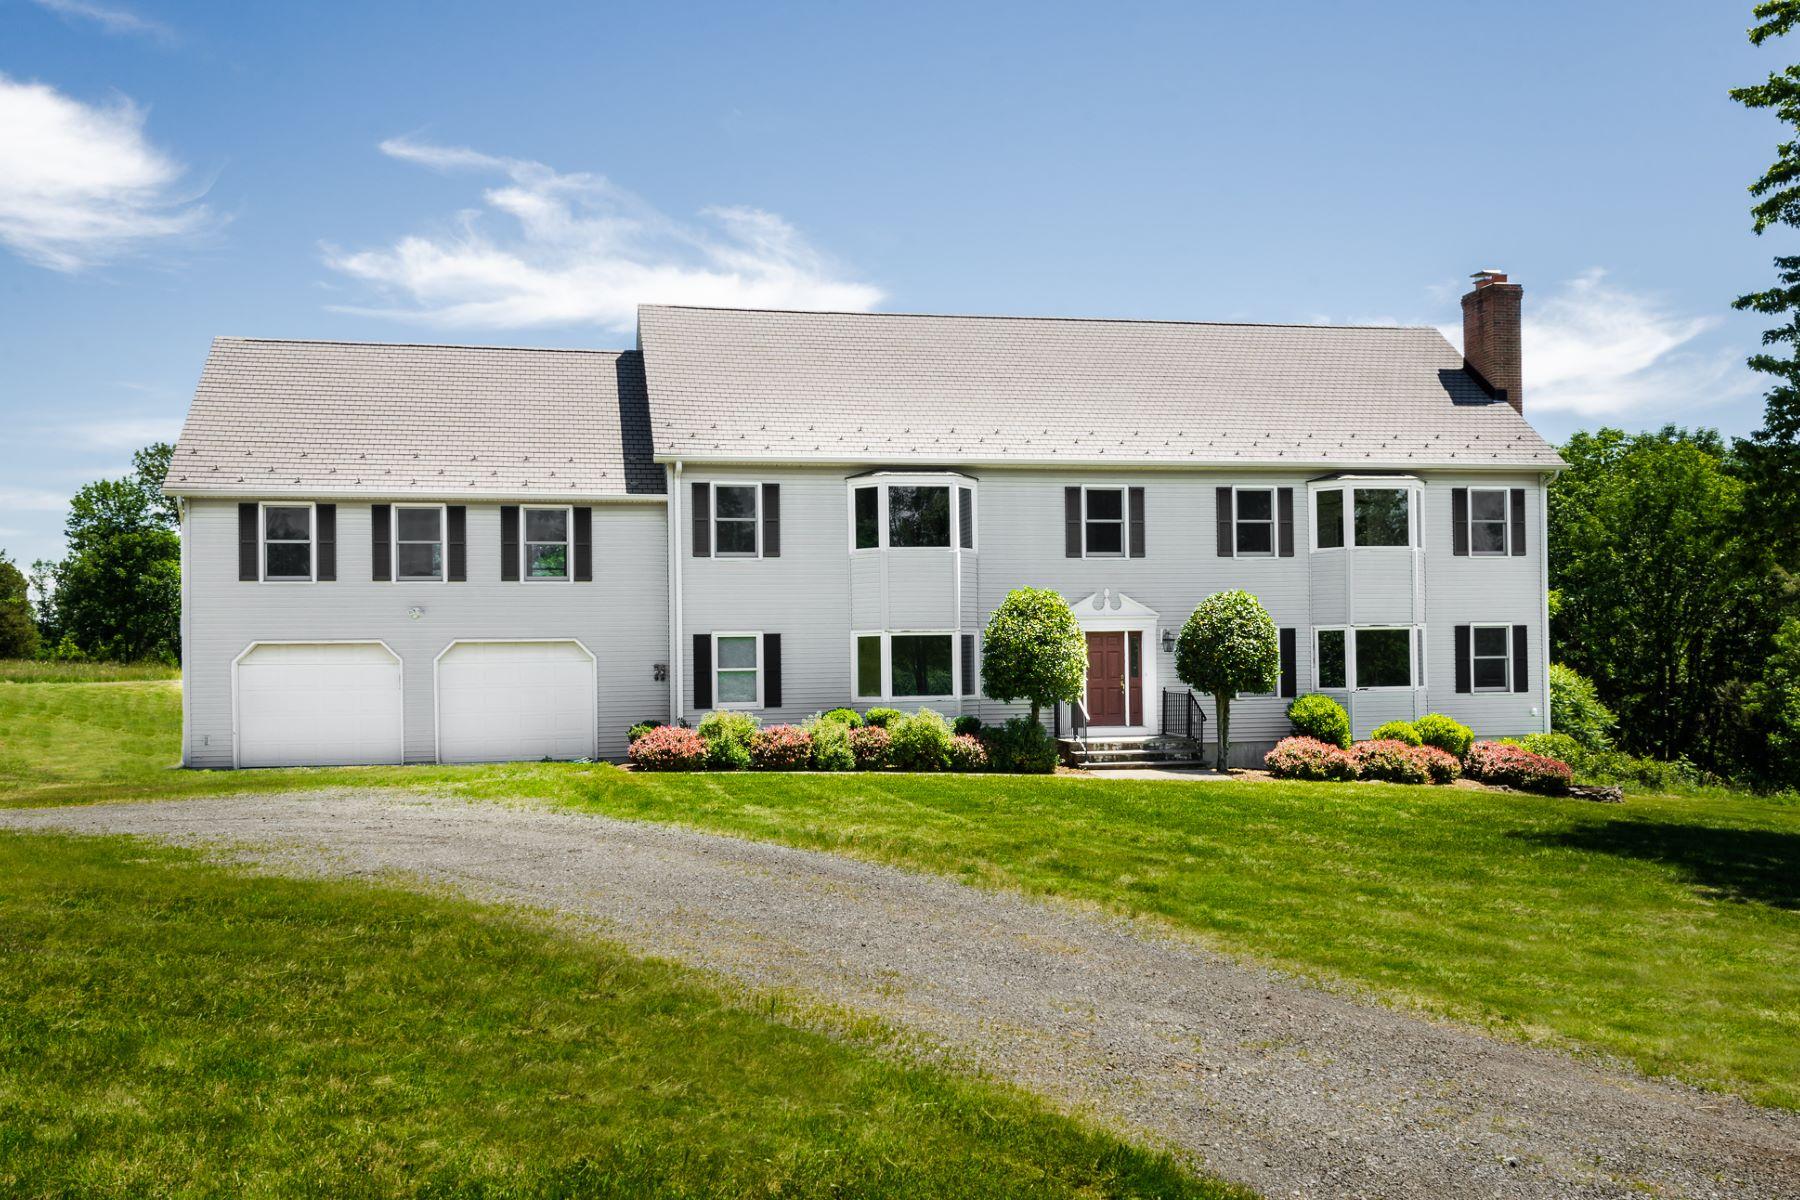 独户住宅 为 销售 在 So Many Possibiliities At This Fantastic Homestead - West Amwell Township 1728 Linvale Harbourton Road 兰伯特维尔, 新泽西州 08530 美国